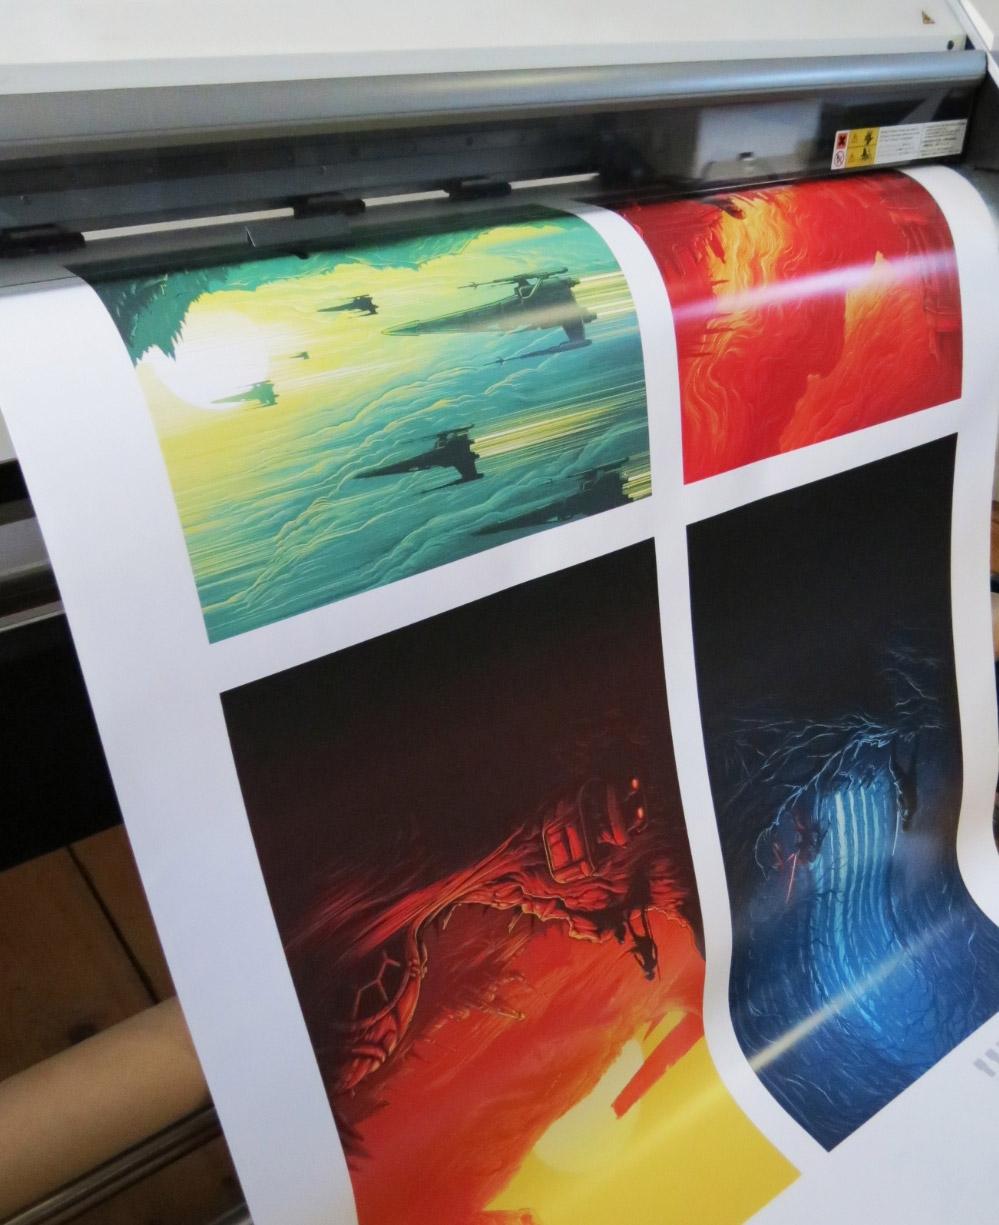 Profesjonalny papier fotograficzny błyszczący do ploterów atramentowych w roli